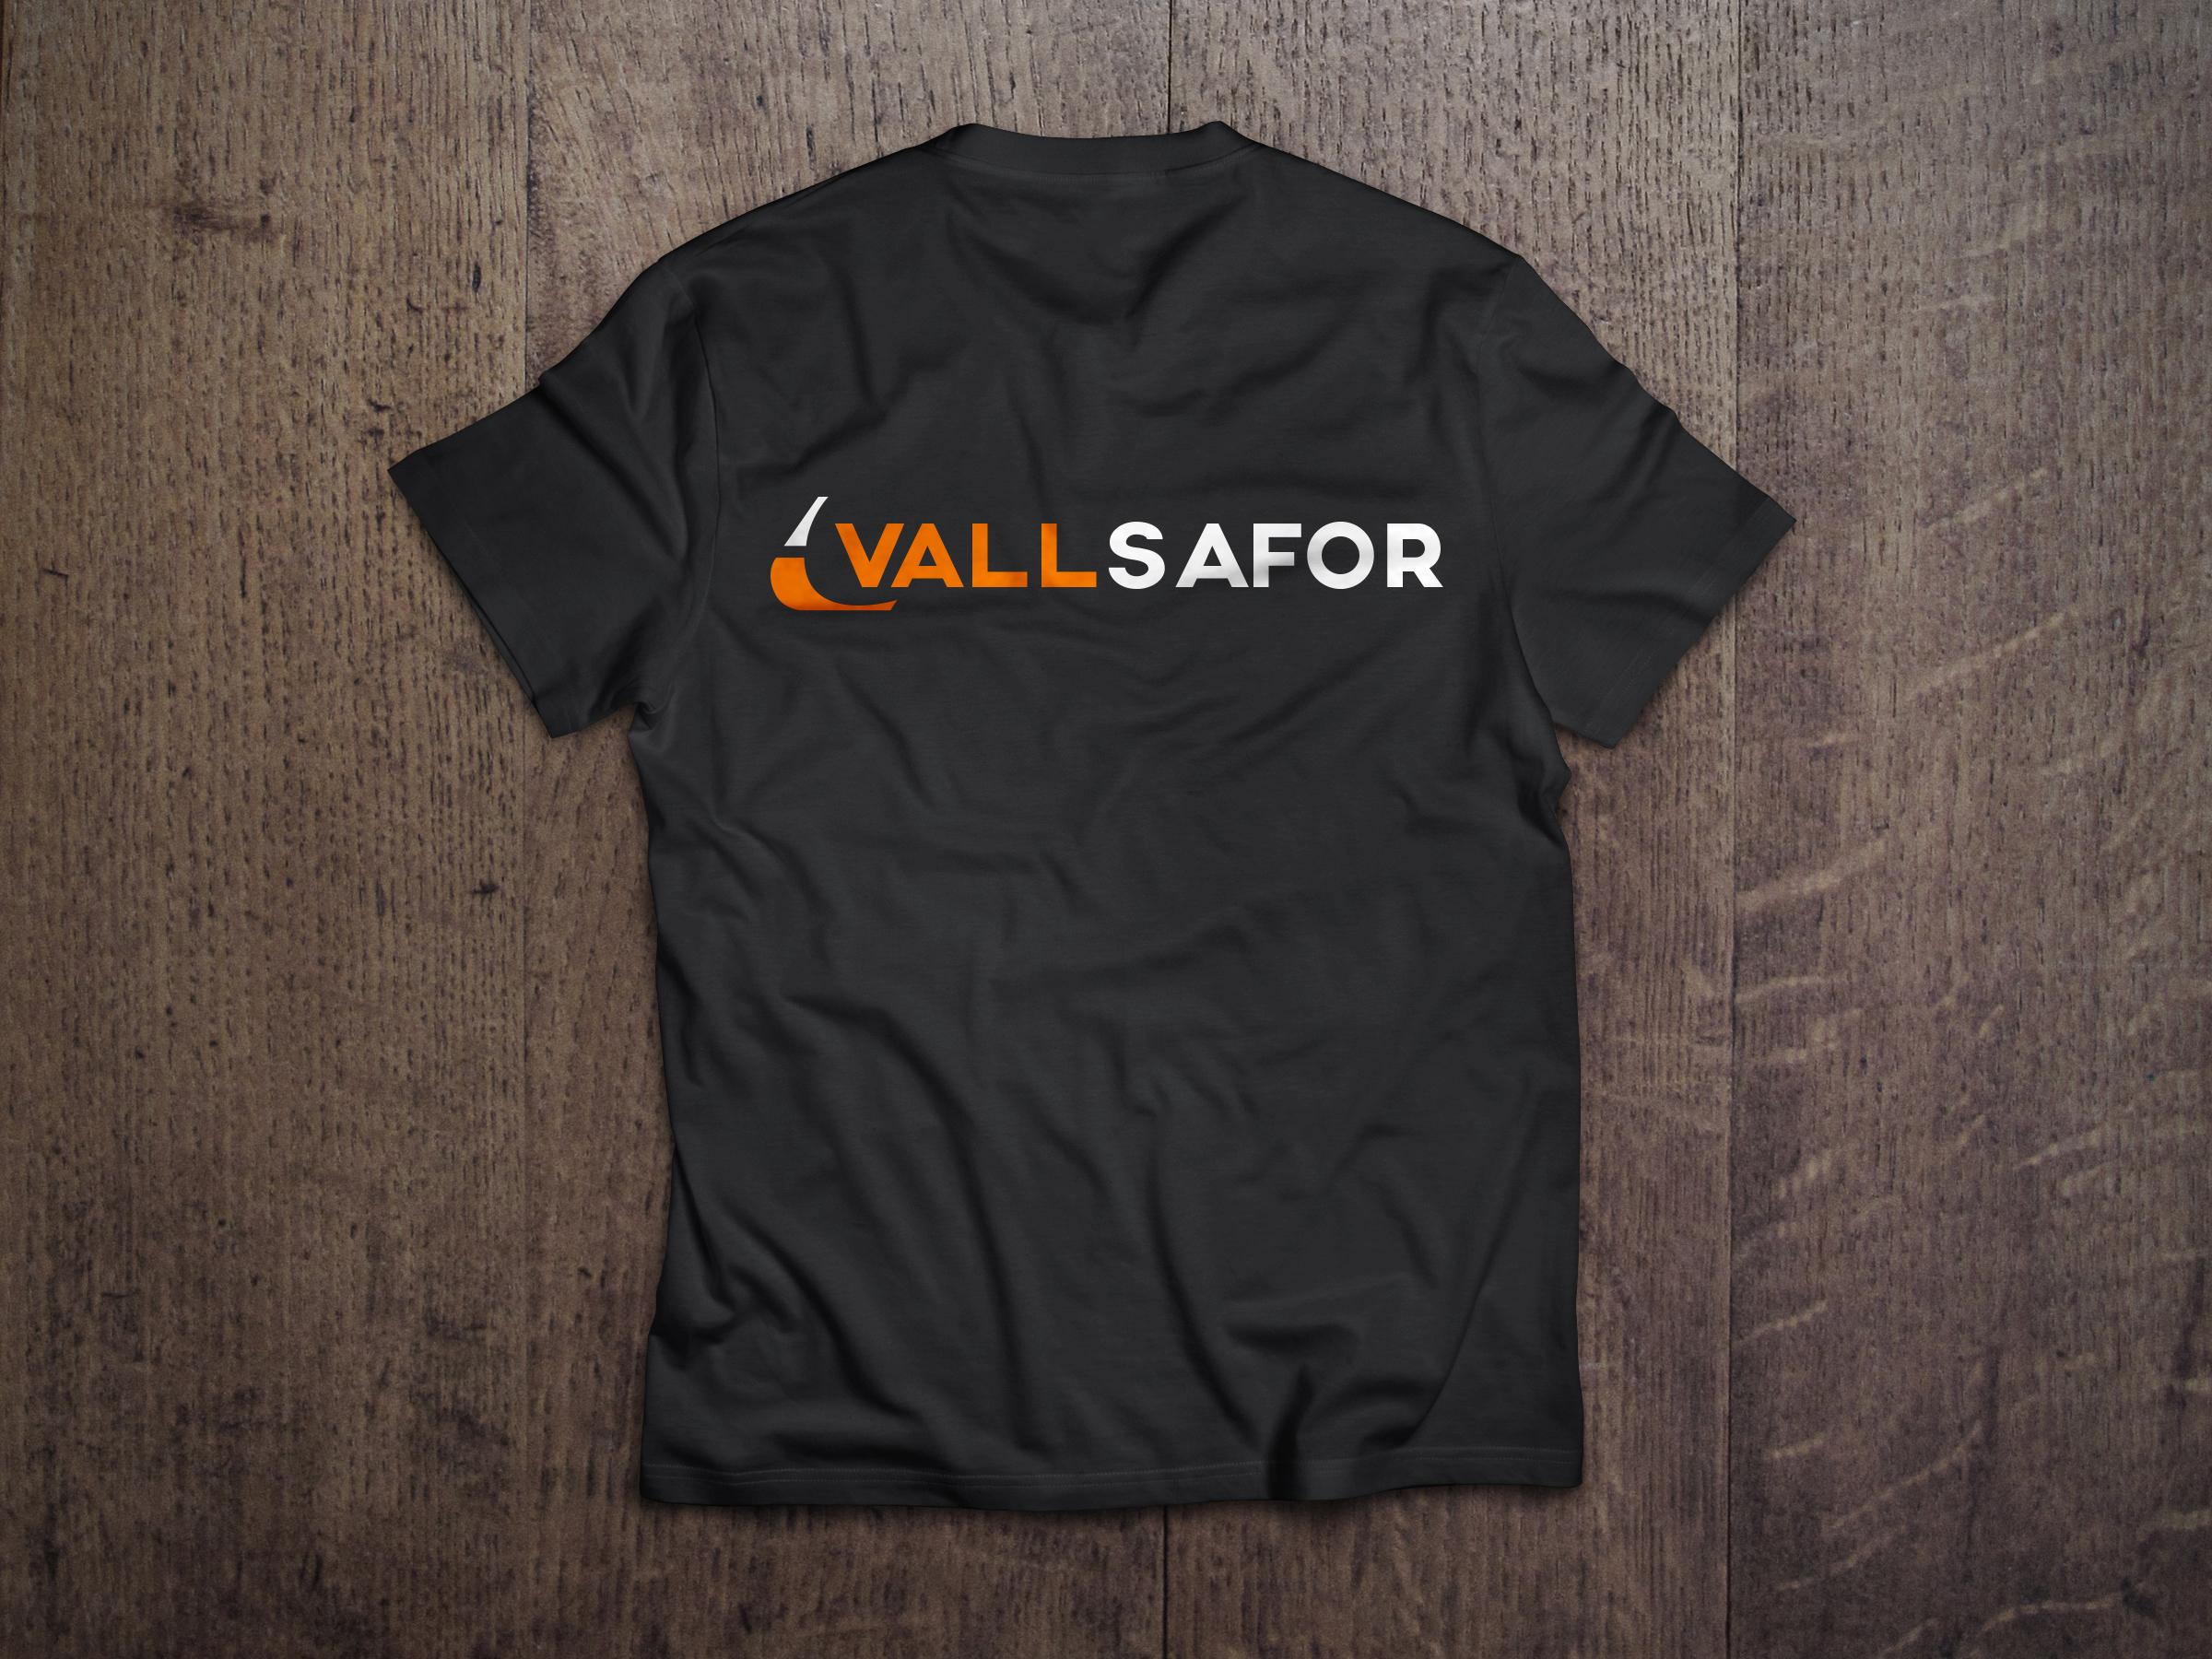 Vall Safor Soluciones industriales en Gandia | Nuevas instalaciones Daniel Monzón Still